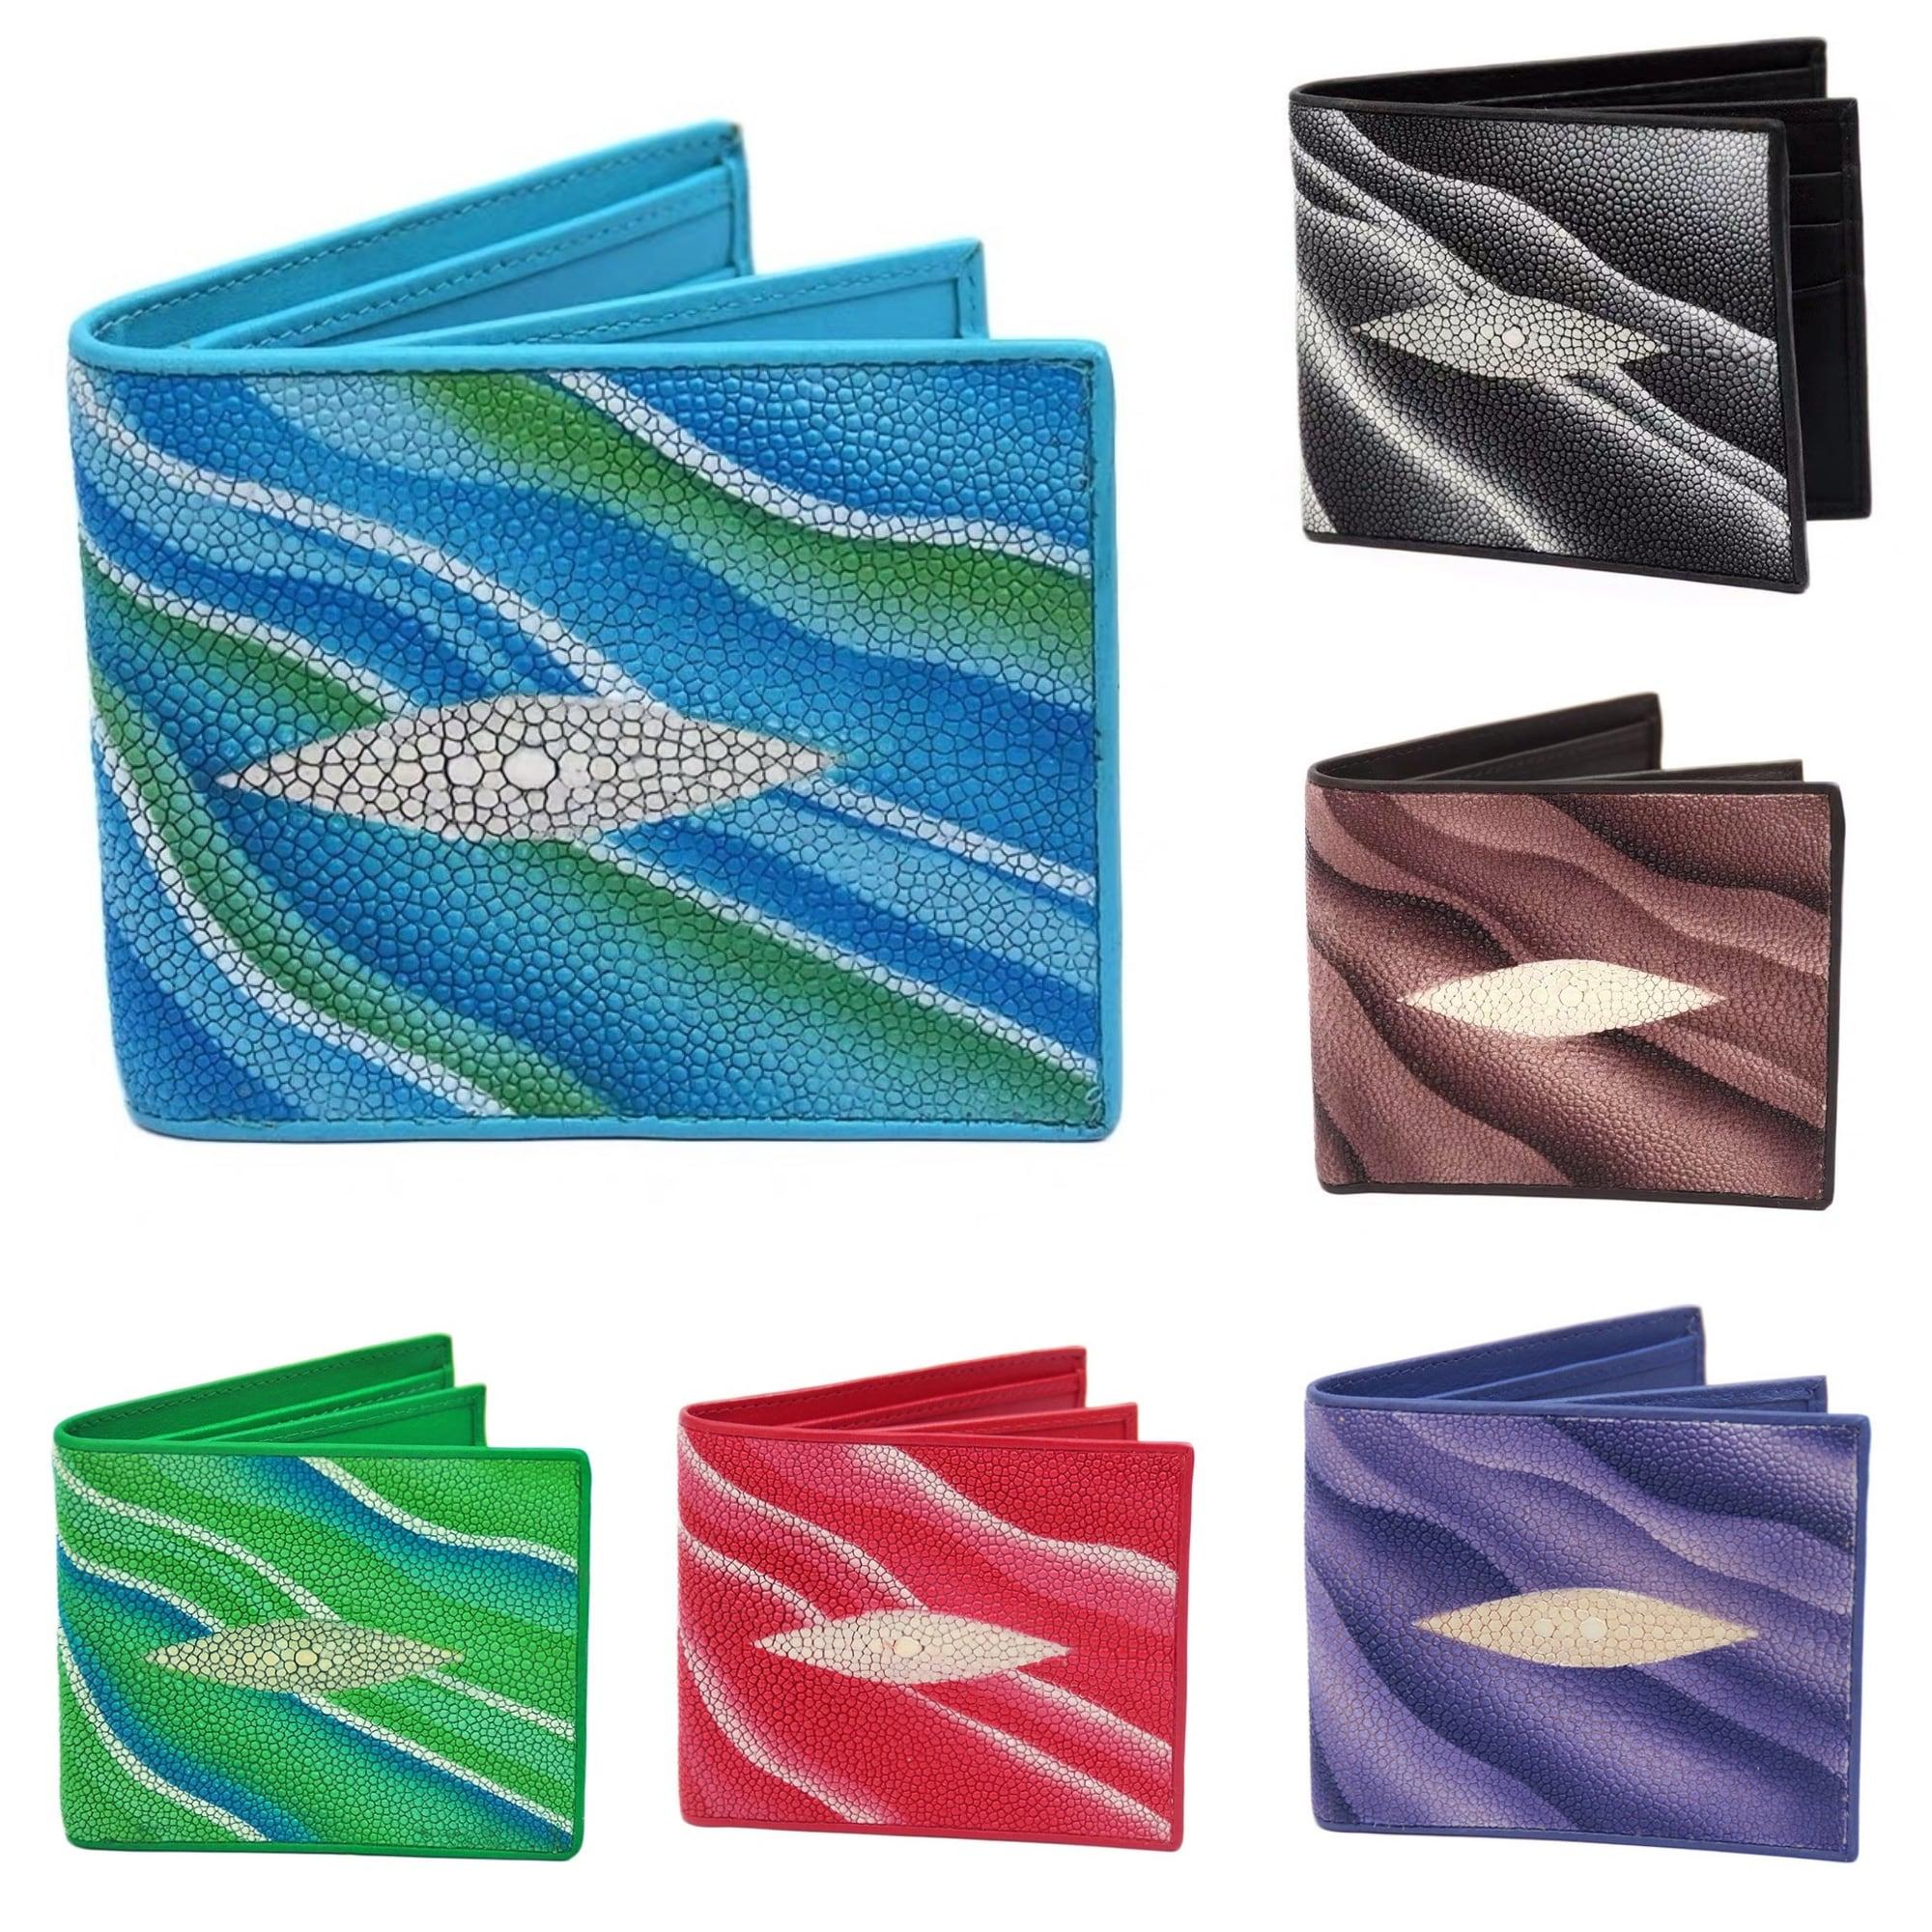 【エイ革財布】ユニセックス 二つ折り財布 カード財布 シックスティングレイ【金運アップ】